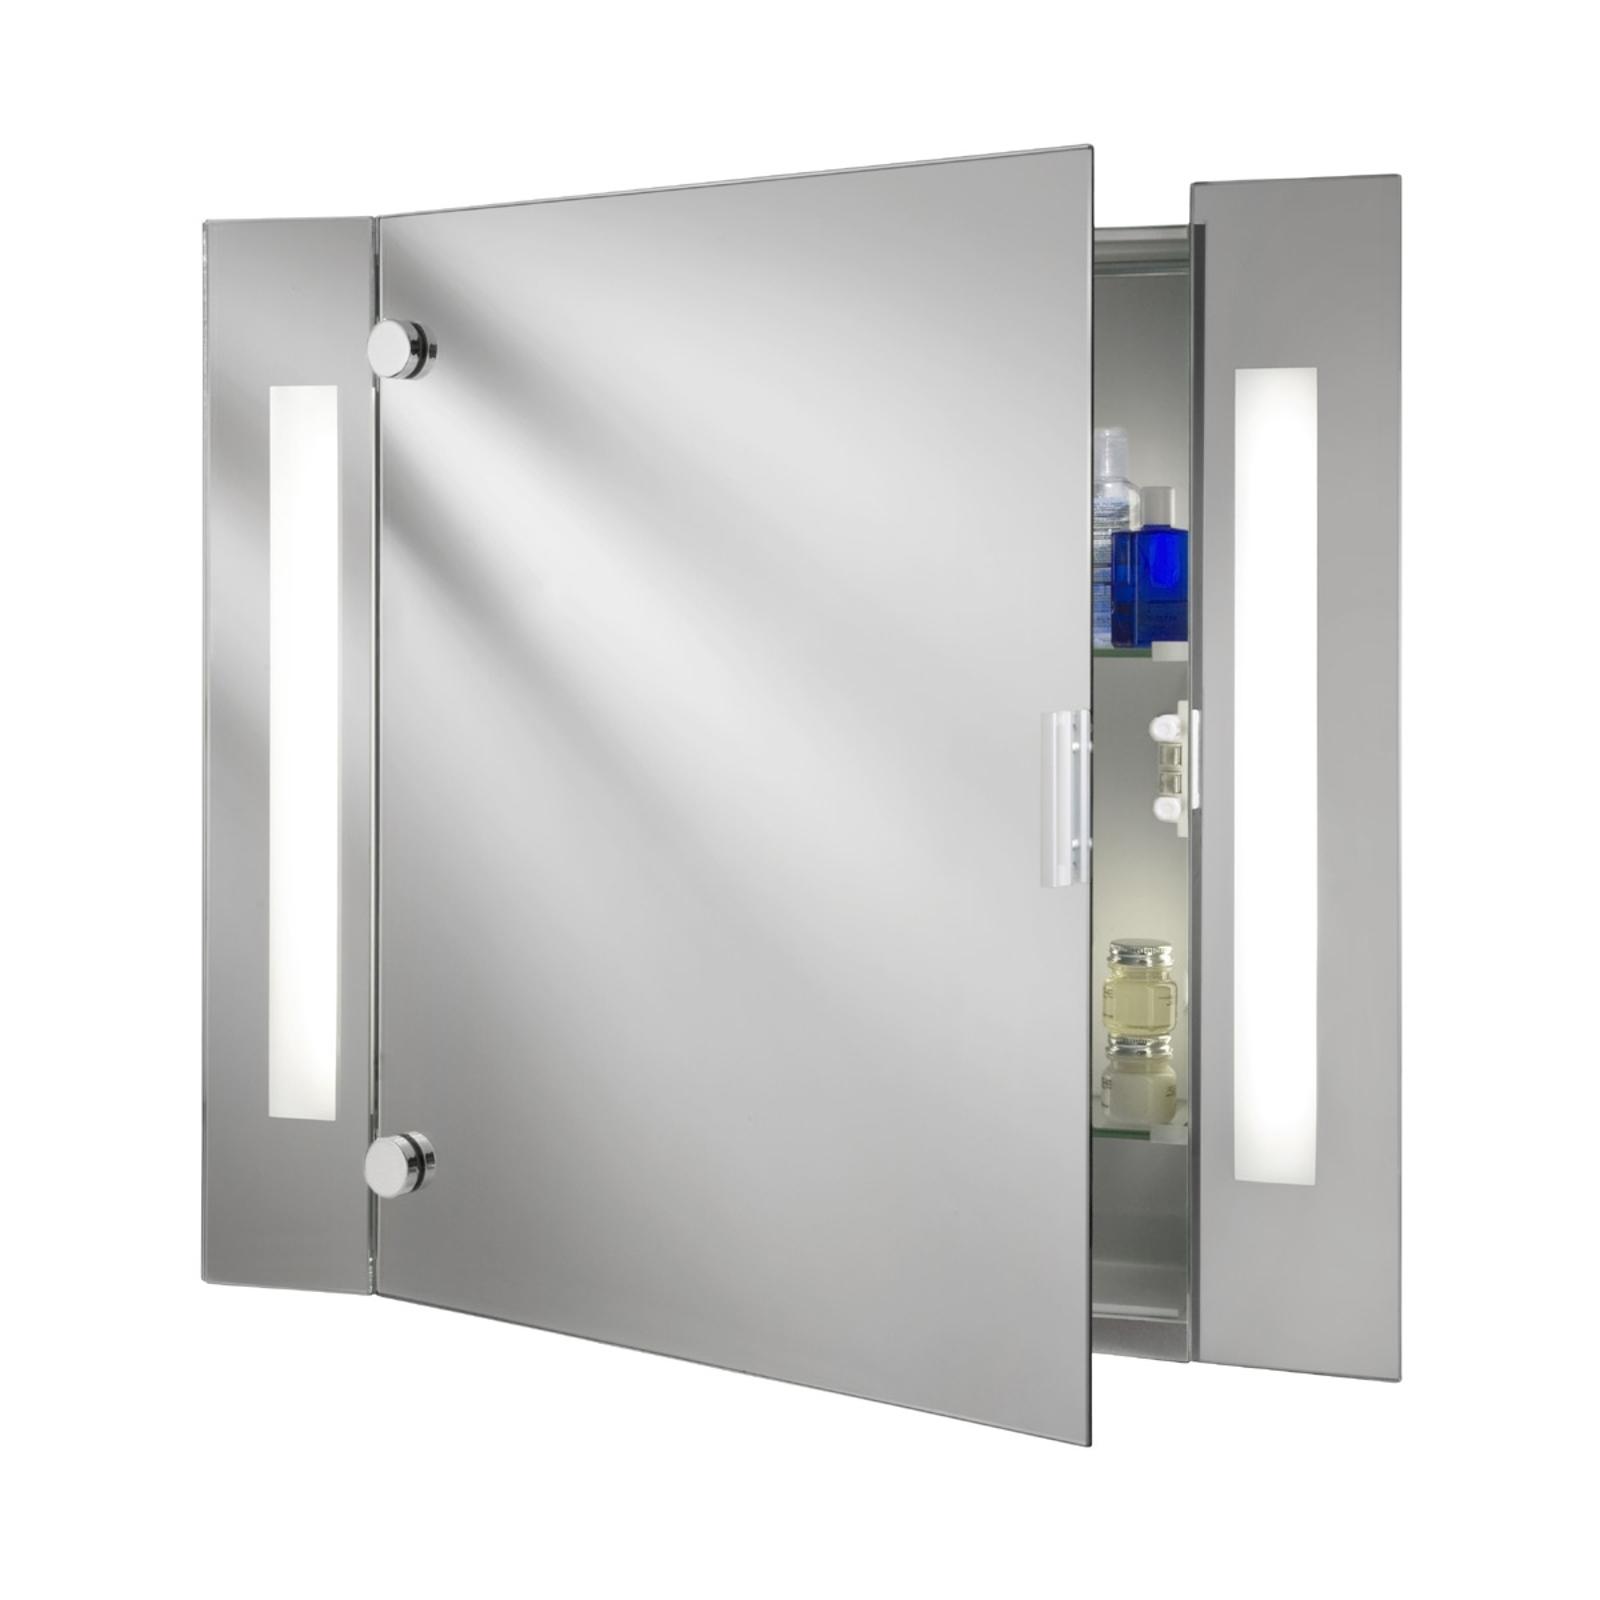 Modernt spegelskåp Silva med belysning